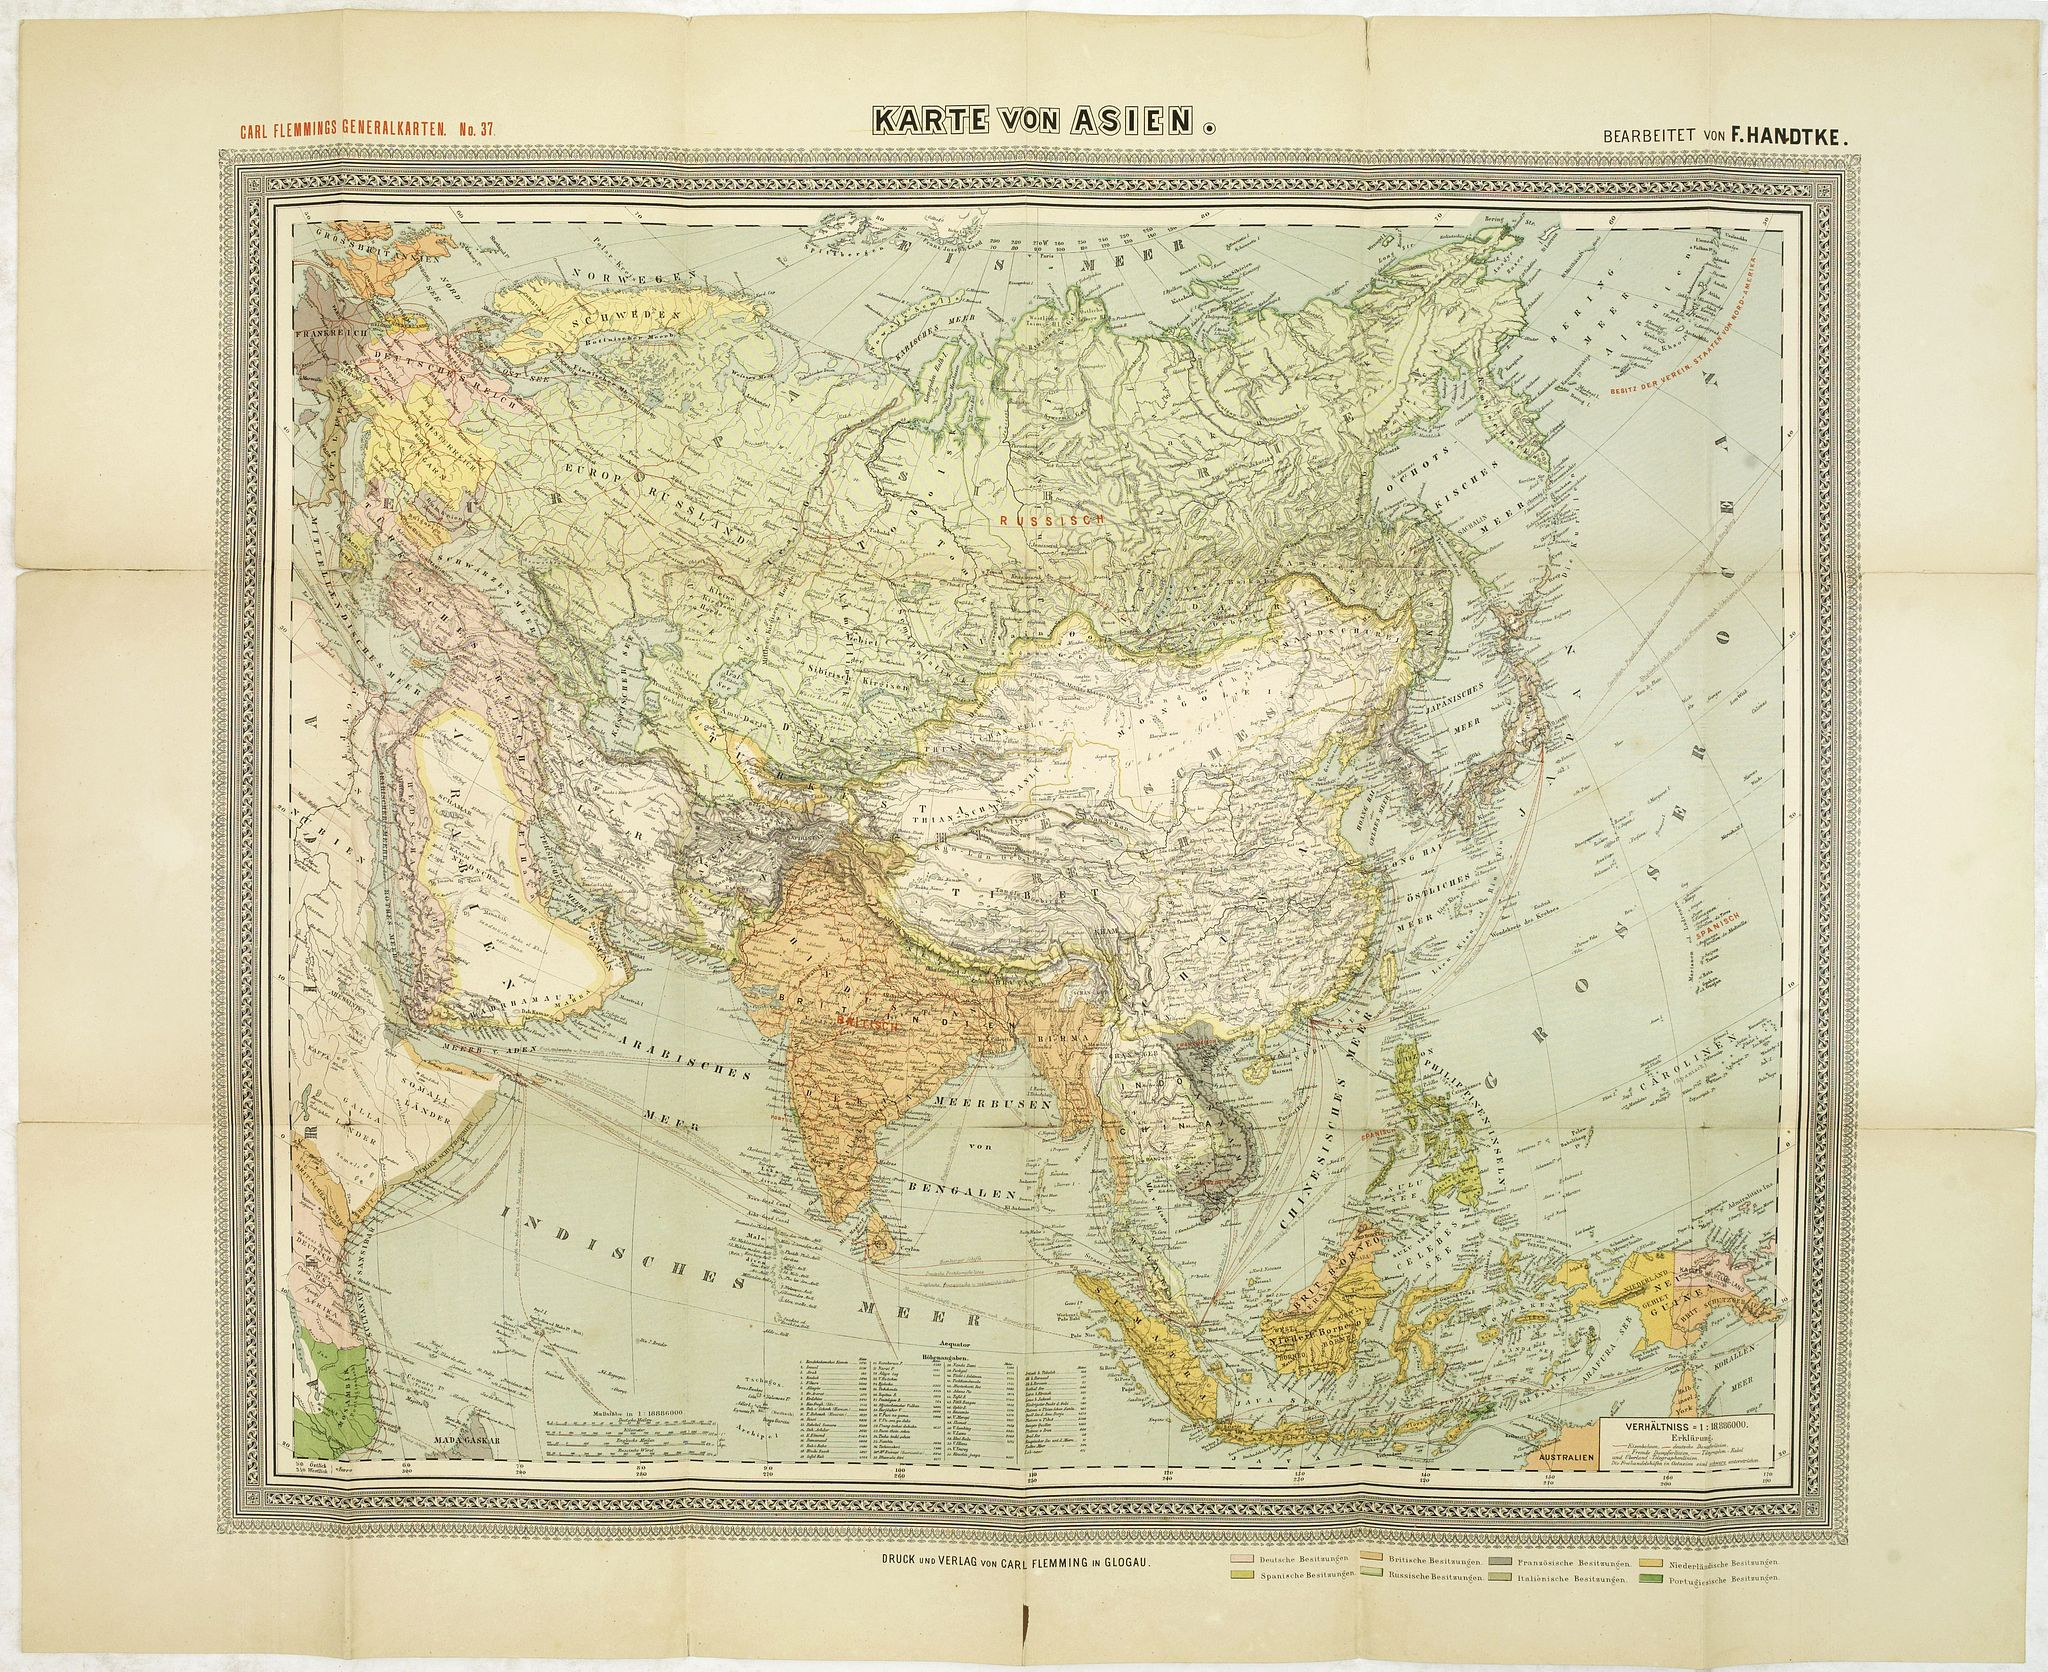 HANDTKE, F.H. -  General Karte von Asien. Entworfen und gezeichnet von F. Handtke.